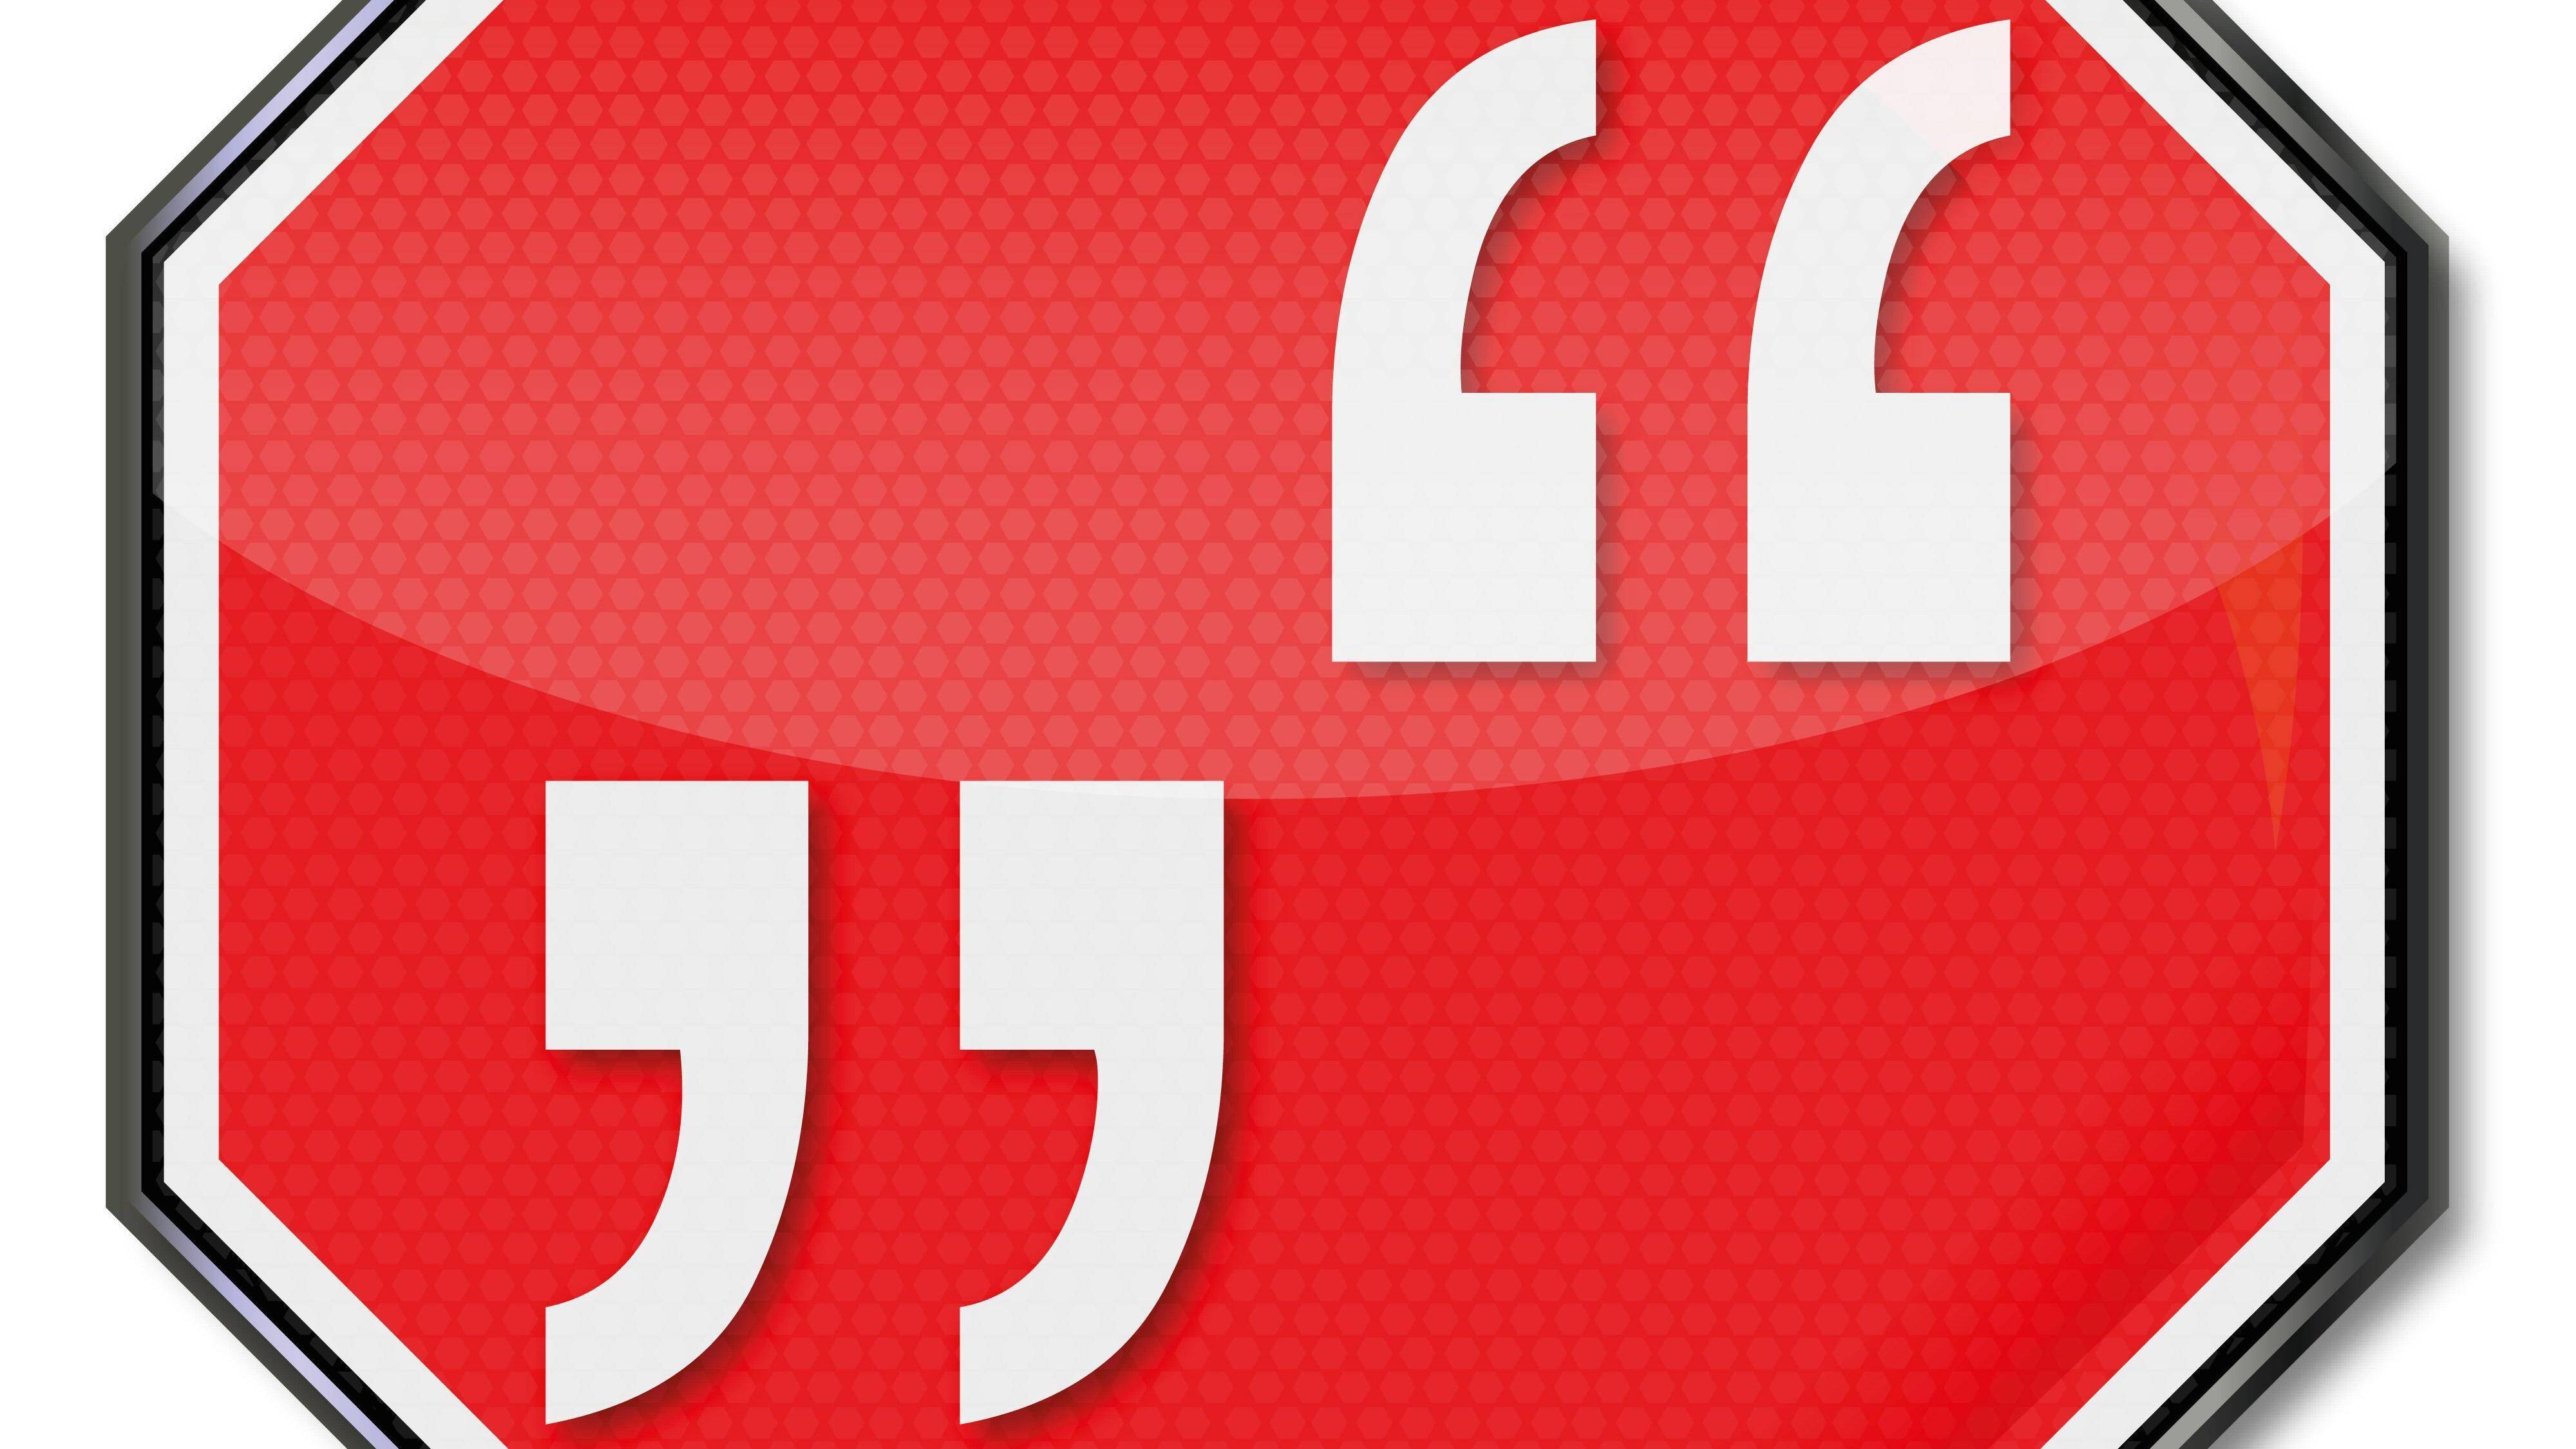 Plagiat vermeiden: Tipps für Studenten